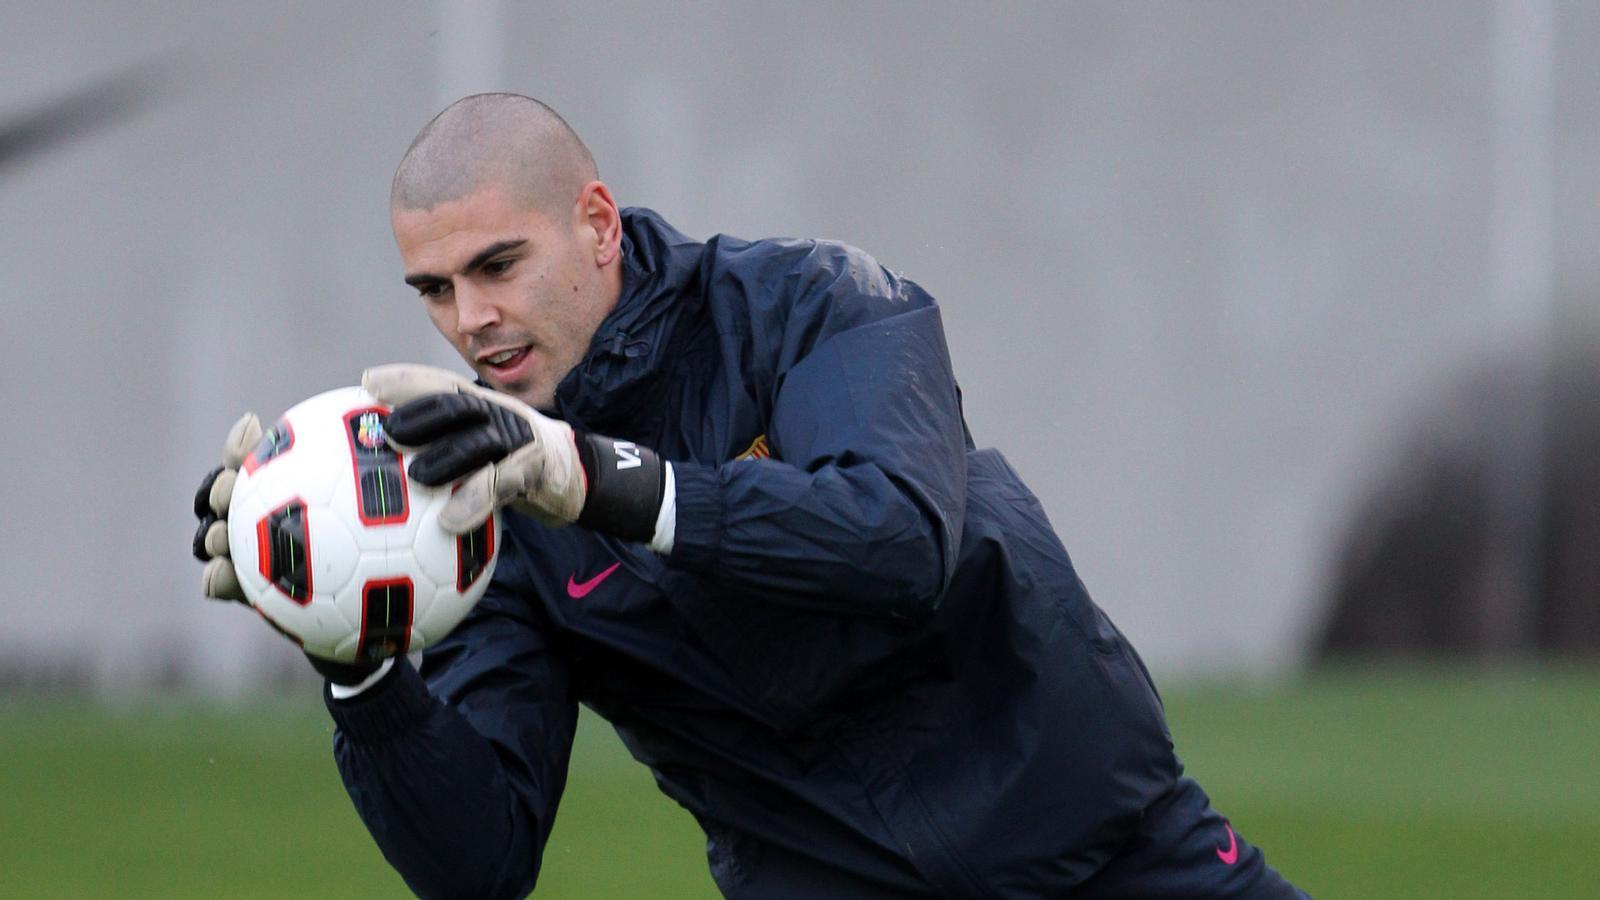 Valdés ja està recuperat de les seves molèsties al genoll i pot tornar a l'onze incial. / MIGUEL RUIZ / FCBARCELONA